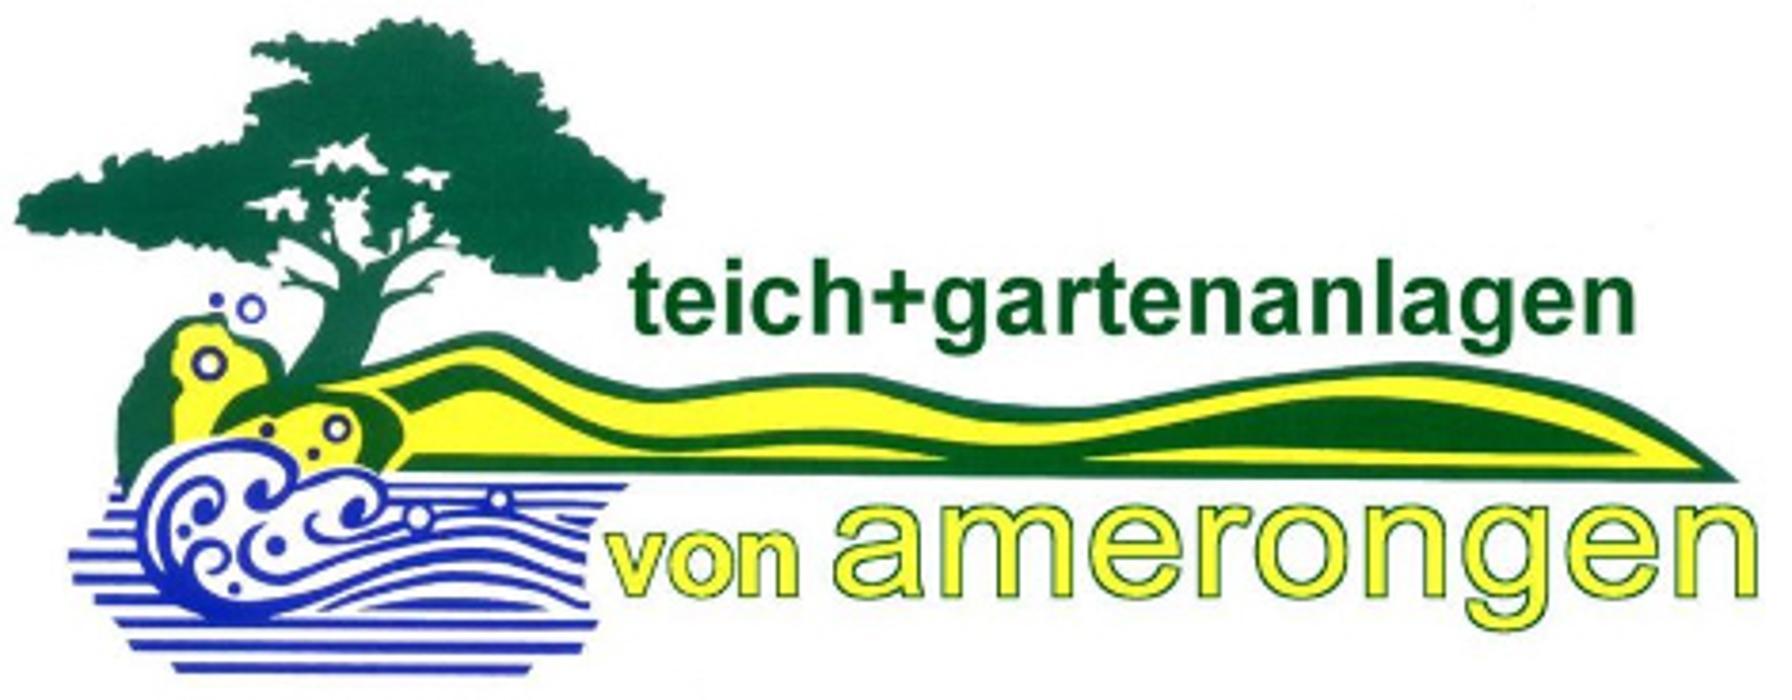 Bild zu teich + gartenanlagen von amerongen in Bruchsal